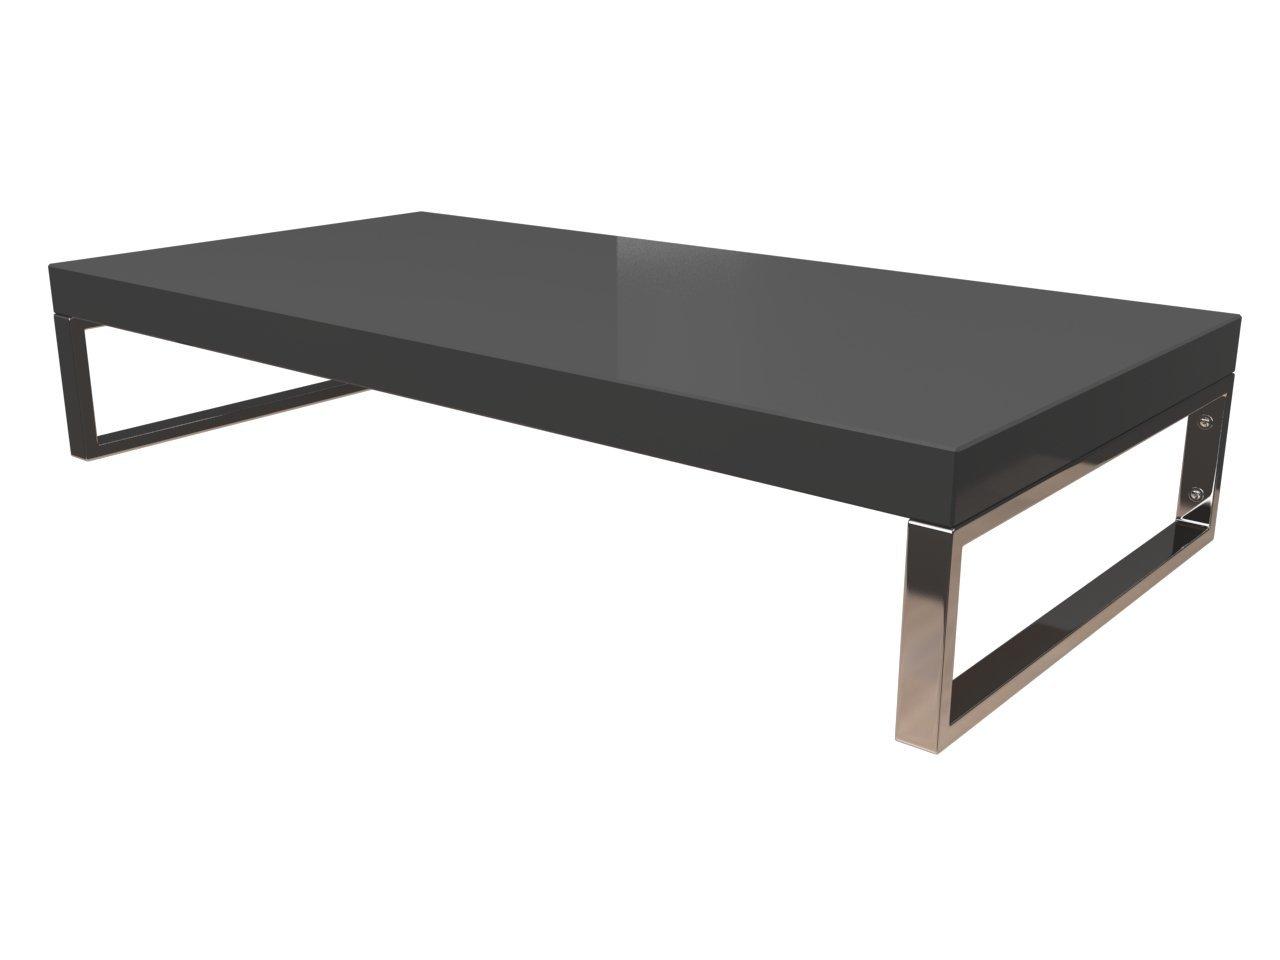 KeraBad Waschtischplatte Waschtischkonsole für Aufsatzwaschbecken und Waschschalen Holzplatte Holzplatte Holzplatte Badmöbel Tischplatte 60x50x5cm Anthrazit Hochglanz kb-wt50120anth-2 96c9fd